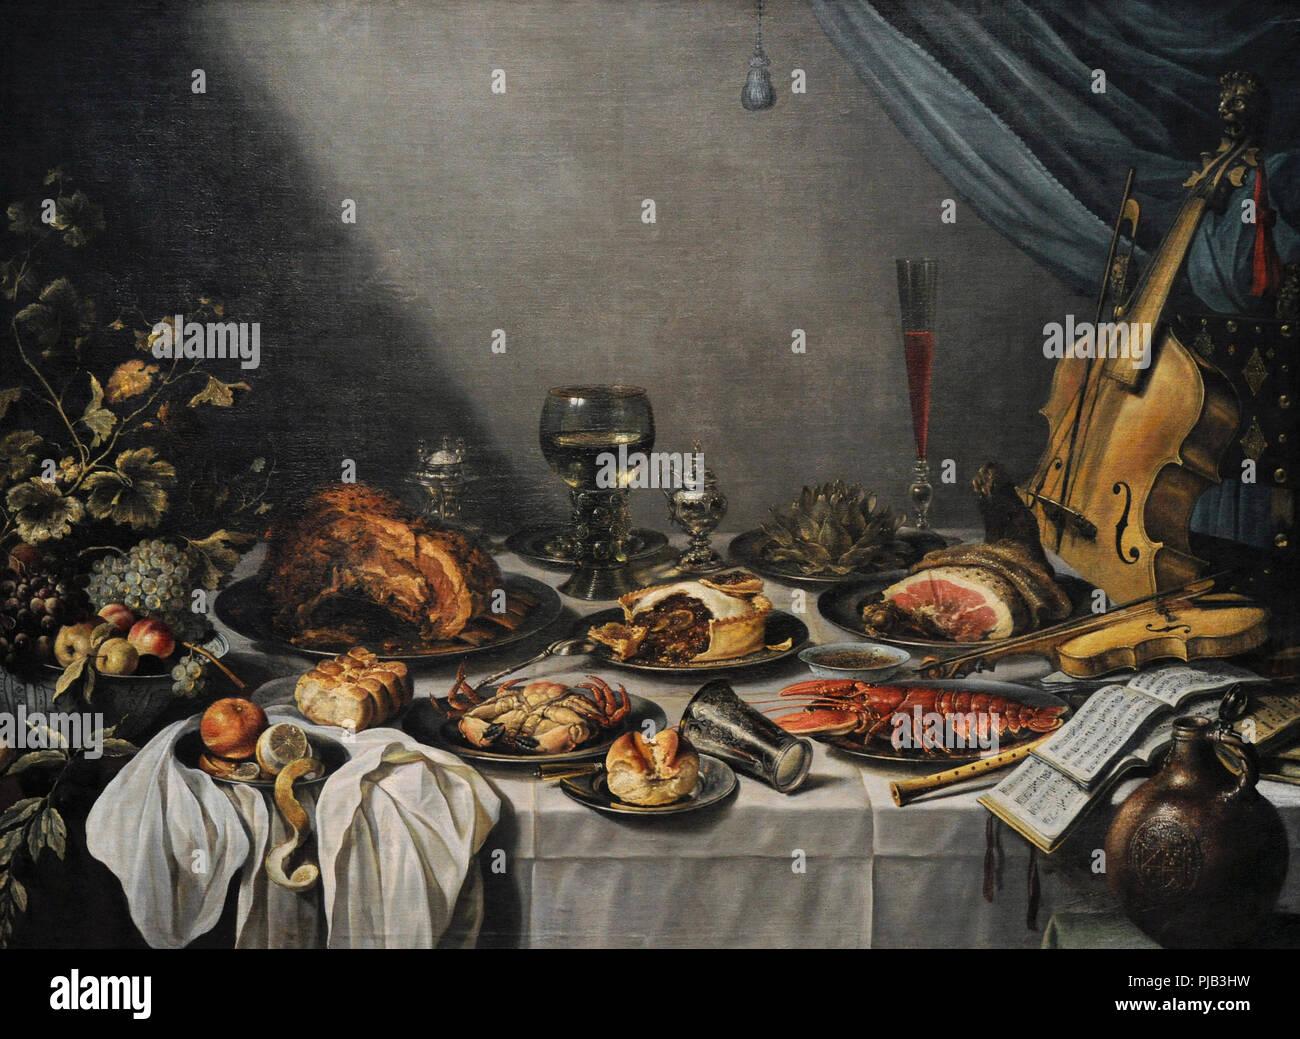 Pieter Claesz. (1597/1598-1661). La edad de oro holandesa pintor. Still Life, 1653. Museo Wallraf-Richartz. Colonia. Alemania. Imagen De Stock